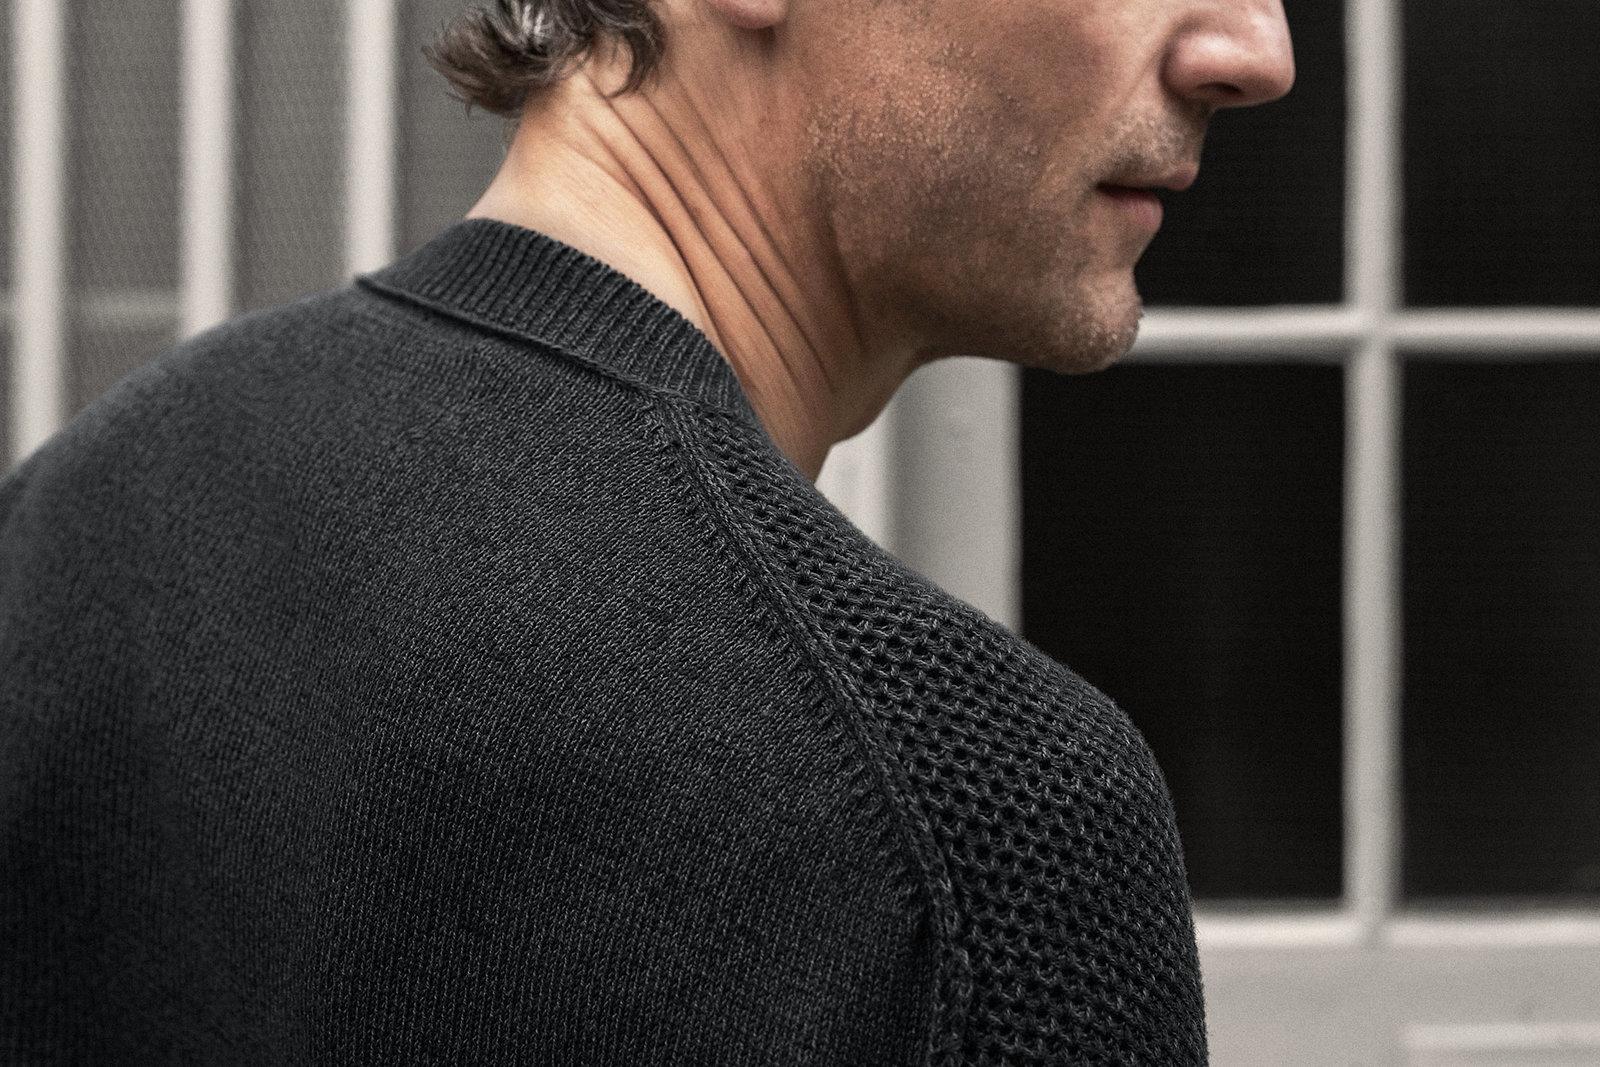 v-neck-cotton-carbon-grey-worn-1@2x.jpg